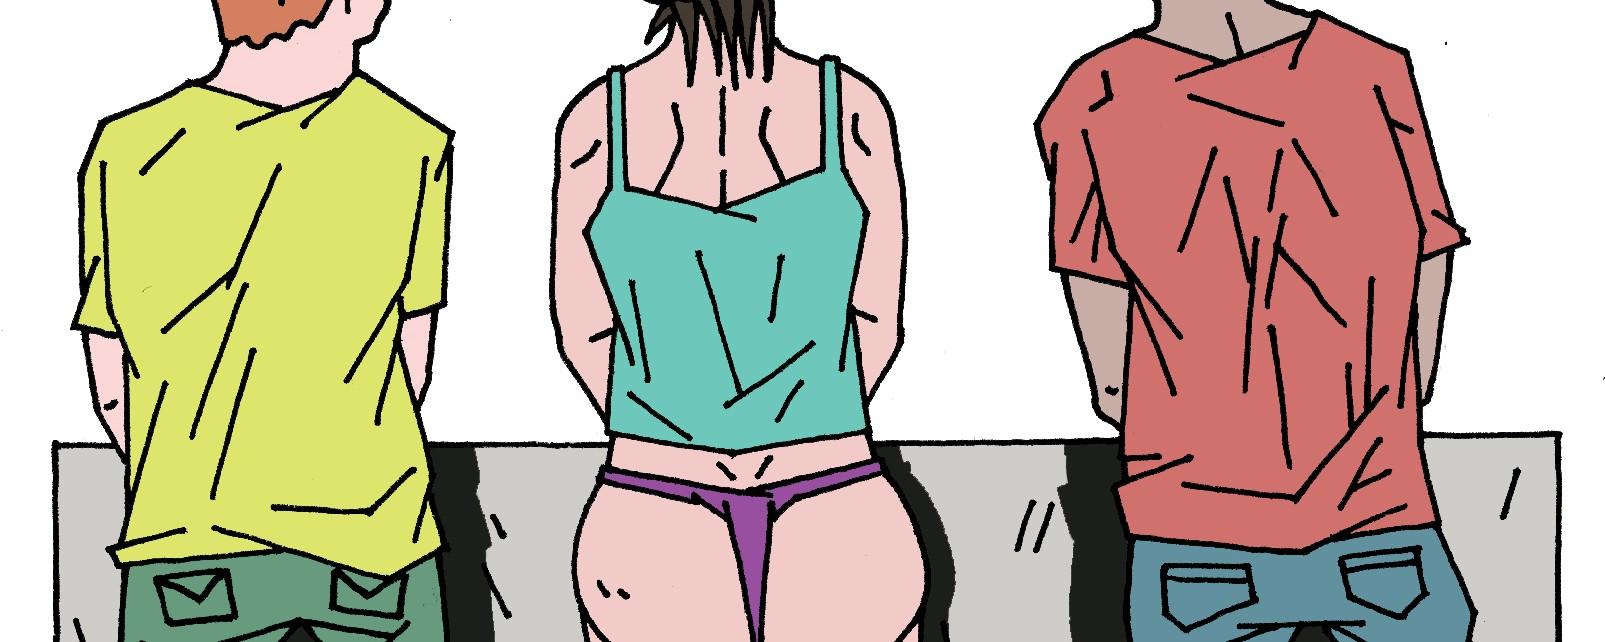 nackt in offentlichkeit madchen pinkeln in toilette